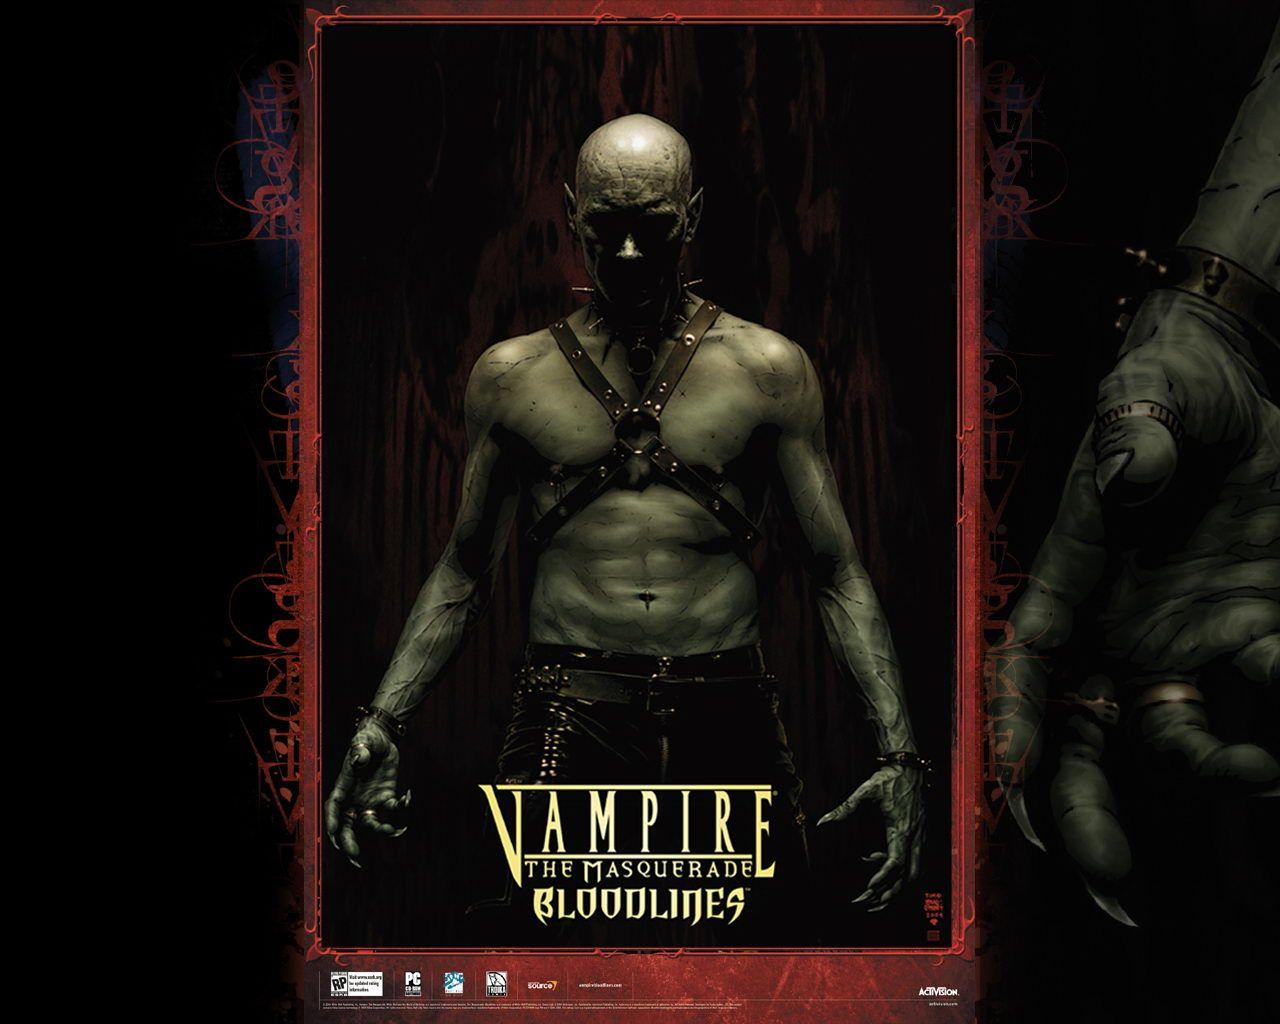 Vampire Nosferatu Vampire The Masquerade Bloodlines